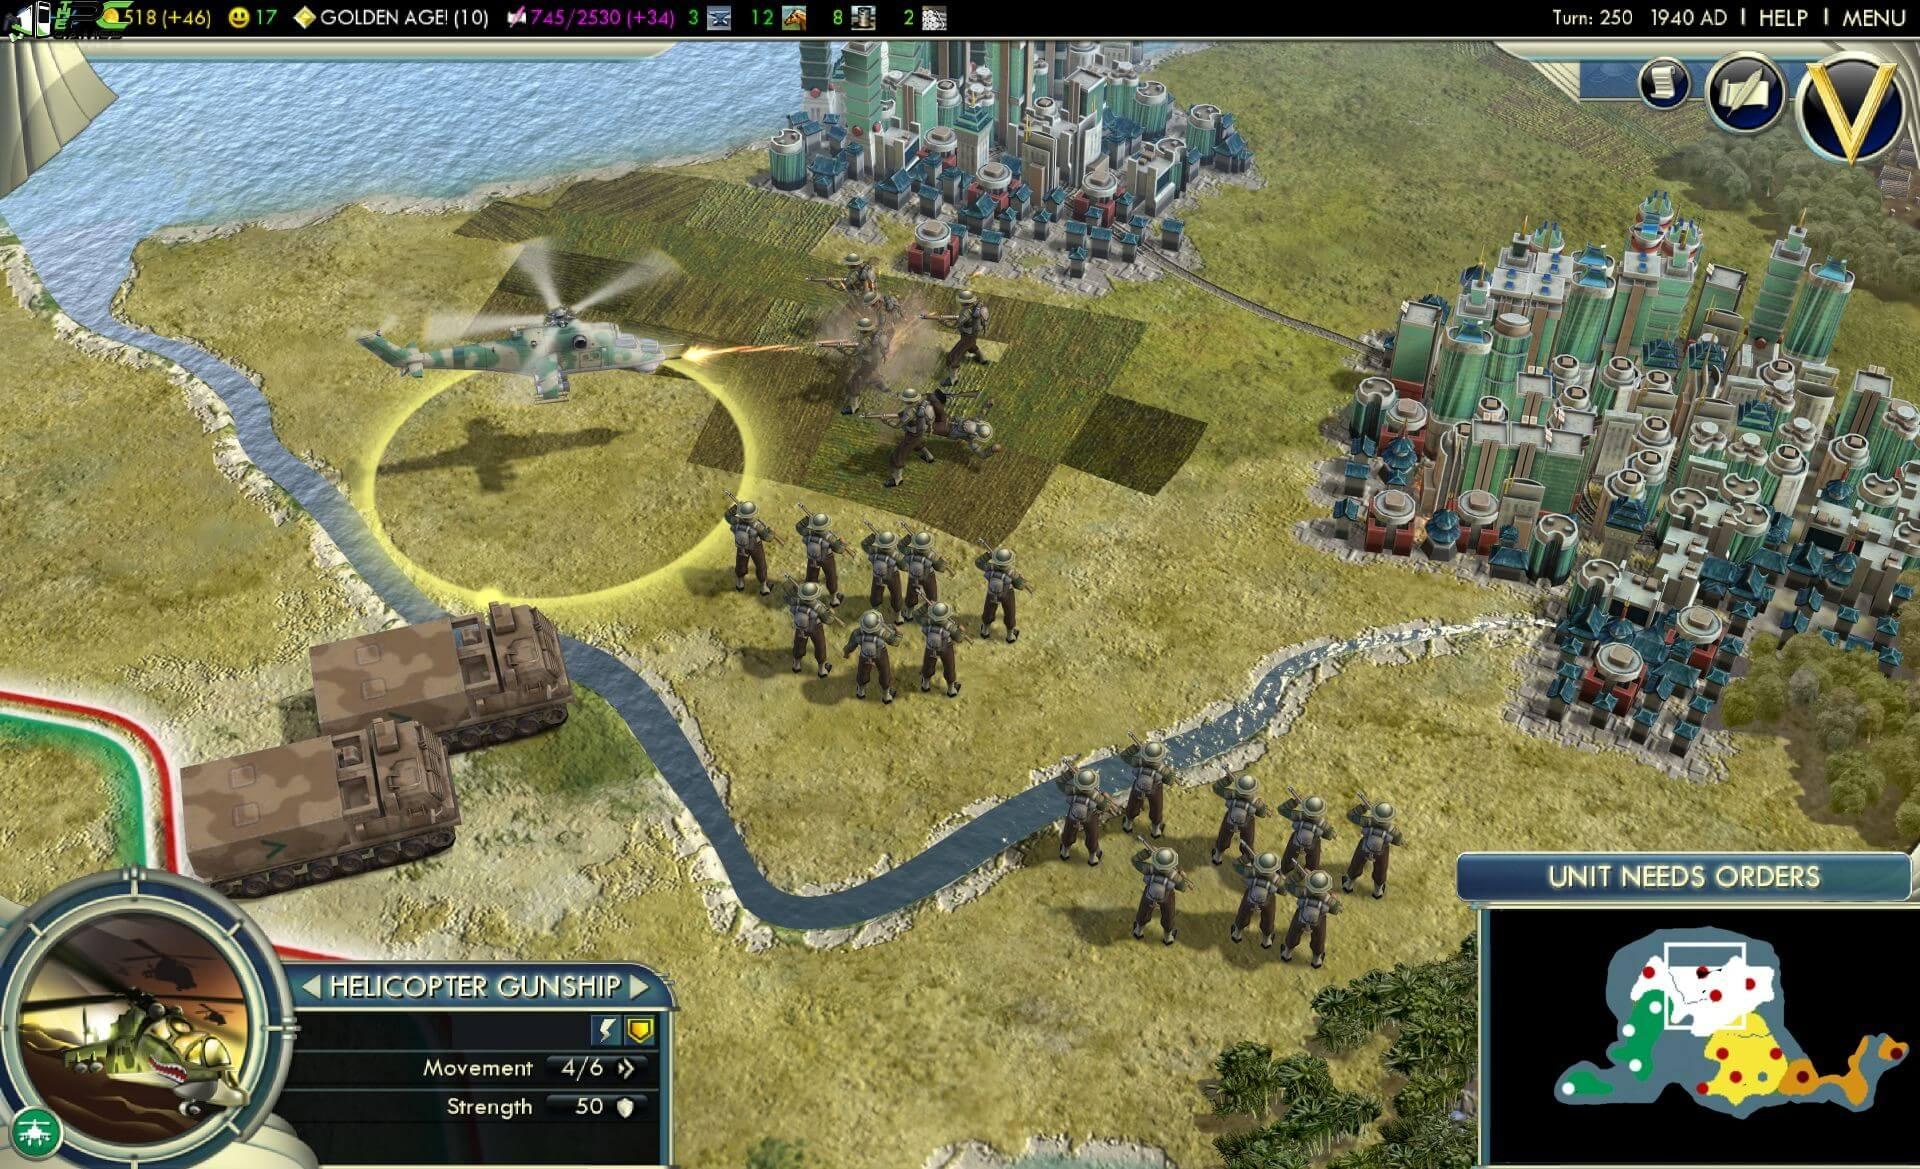 Nebuchadnezzar babylon map